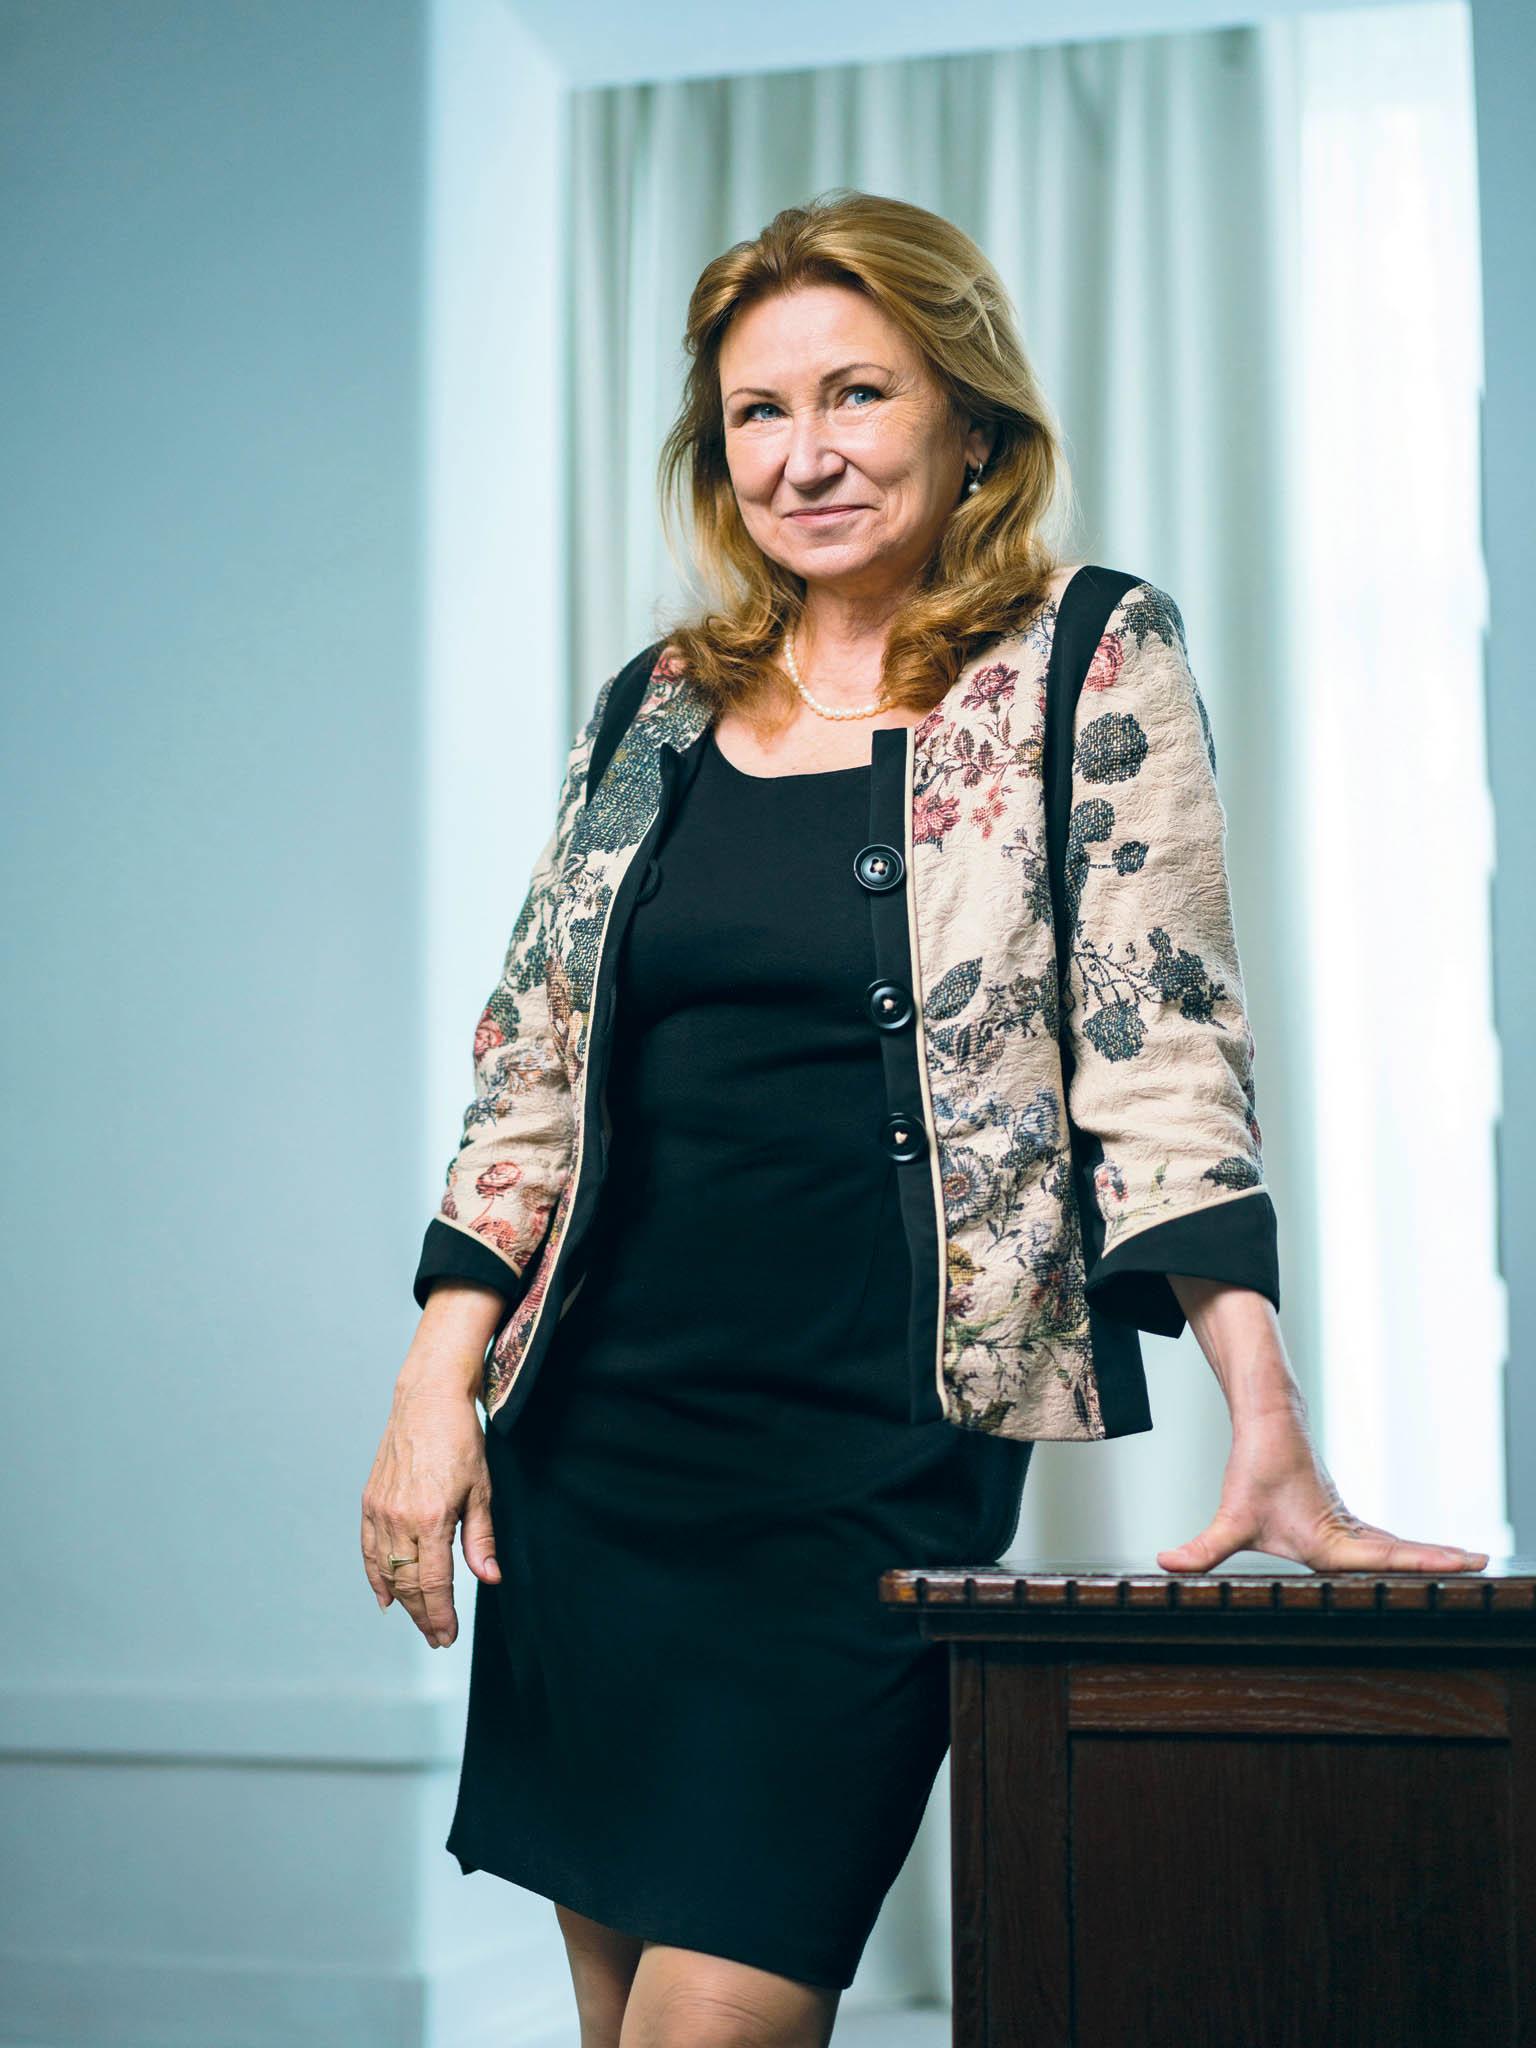 Šéfka Národní rozpočtové rady Eva Zamrazilová